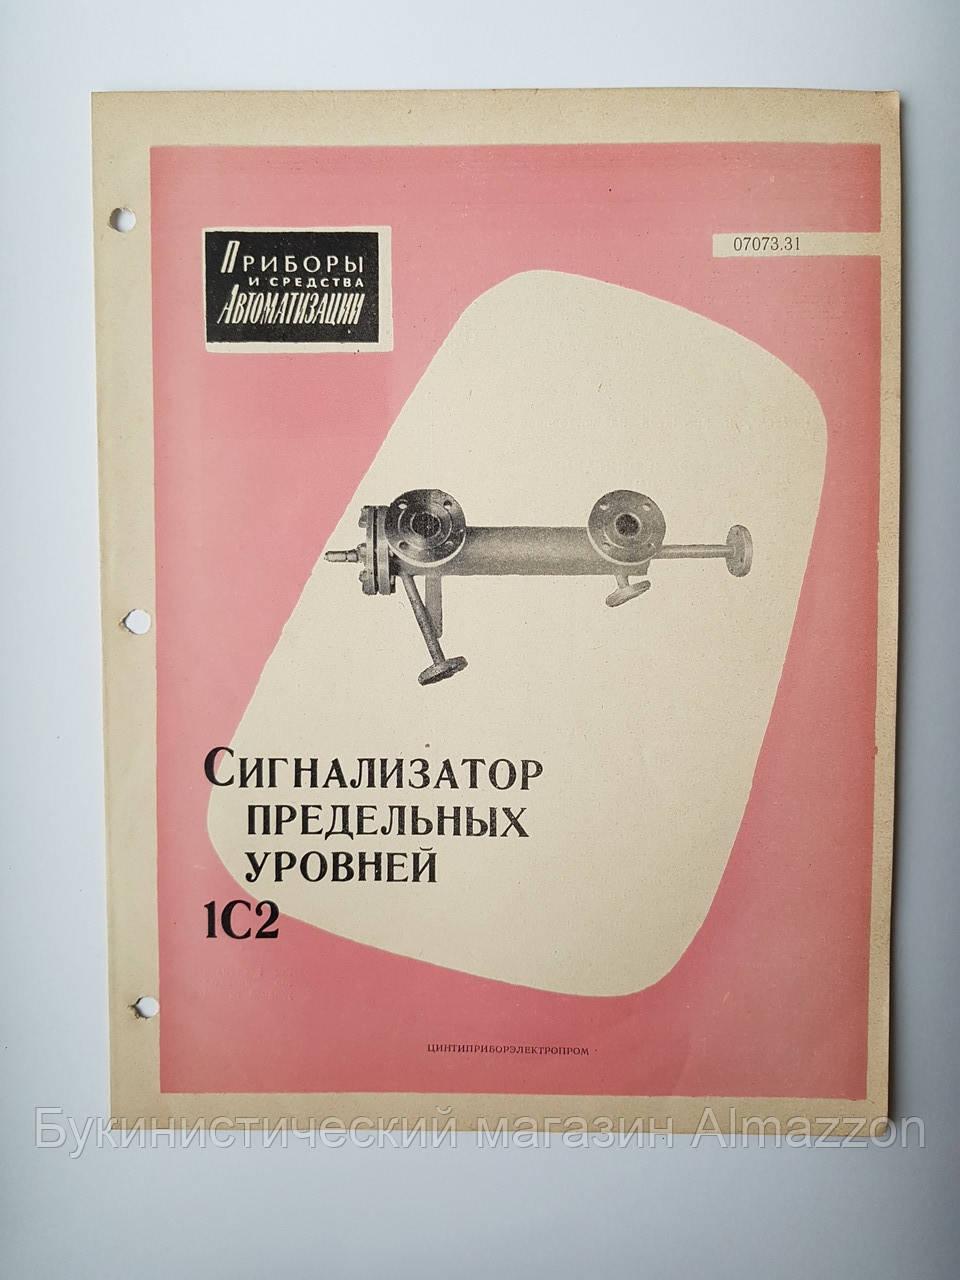 """Журнал (Бюллетень) """"Сигнализатор предельных уровней 1С2  07073.31 """" 1963 г."""